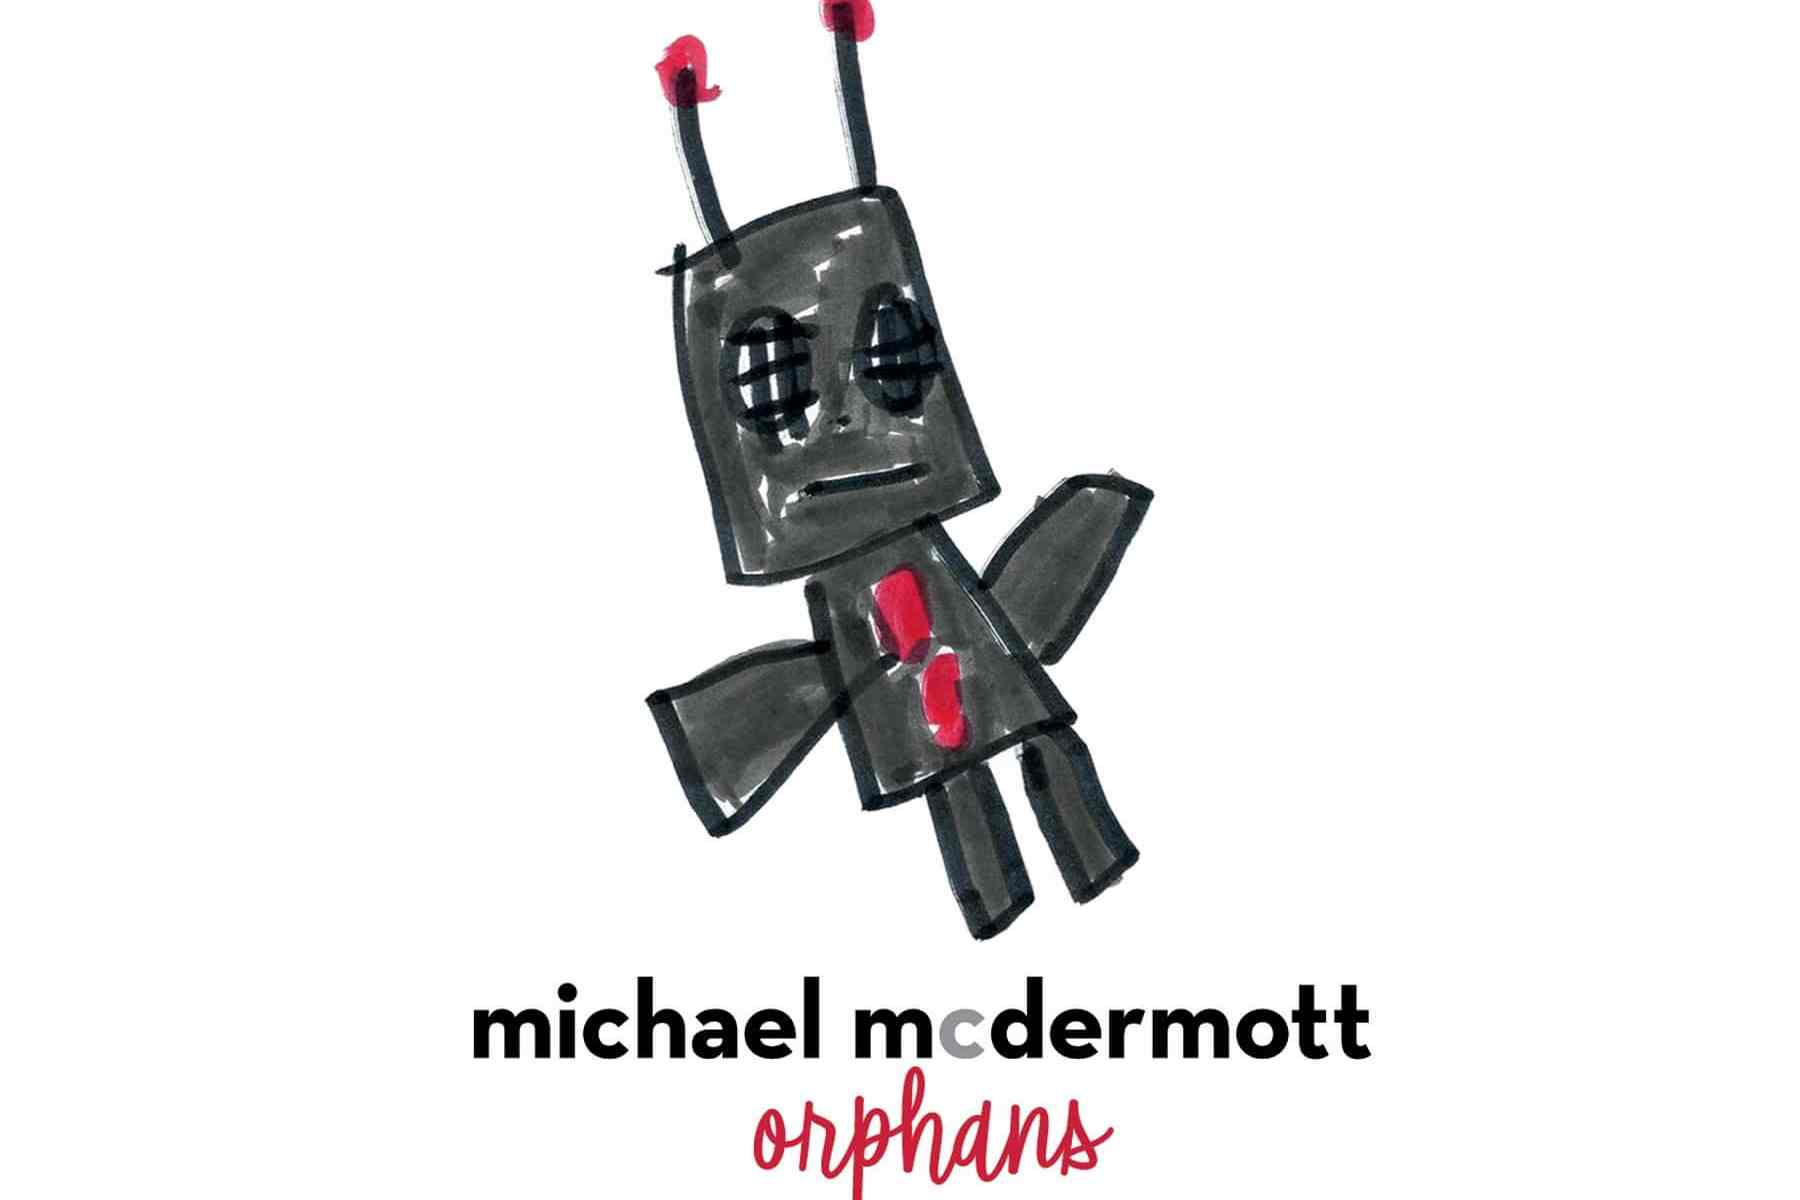 Orphans album cover